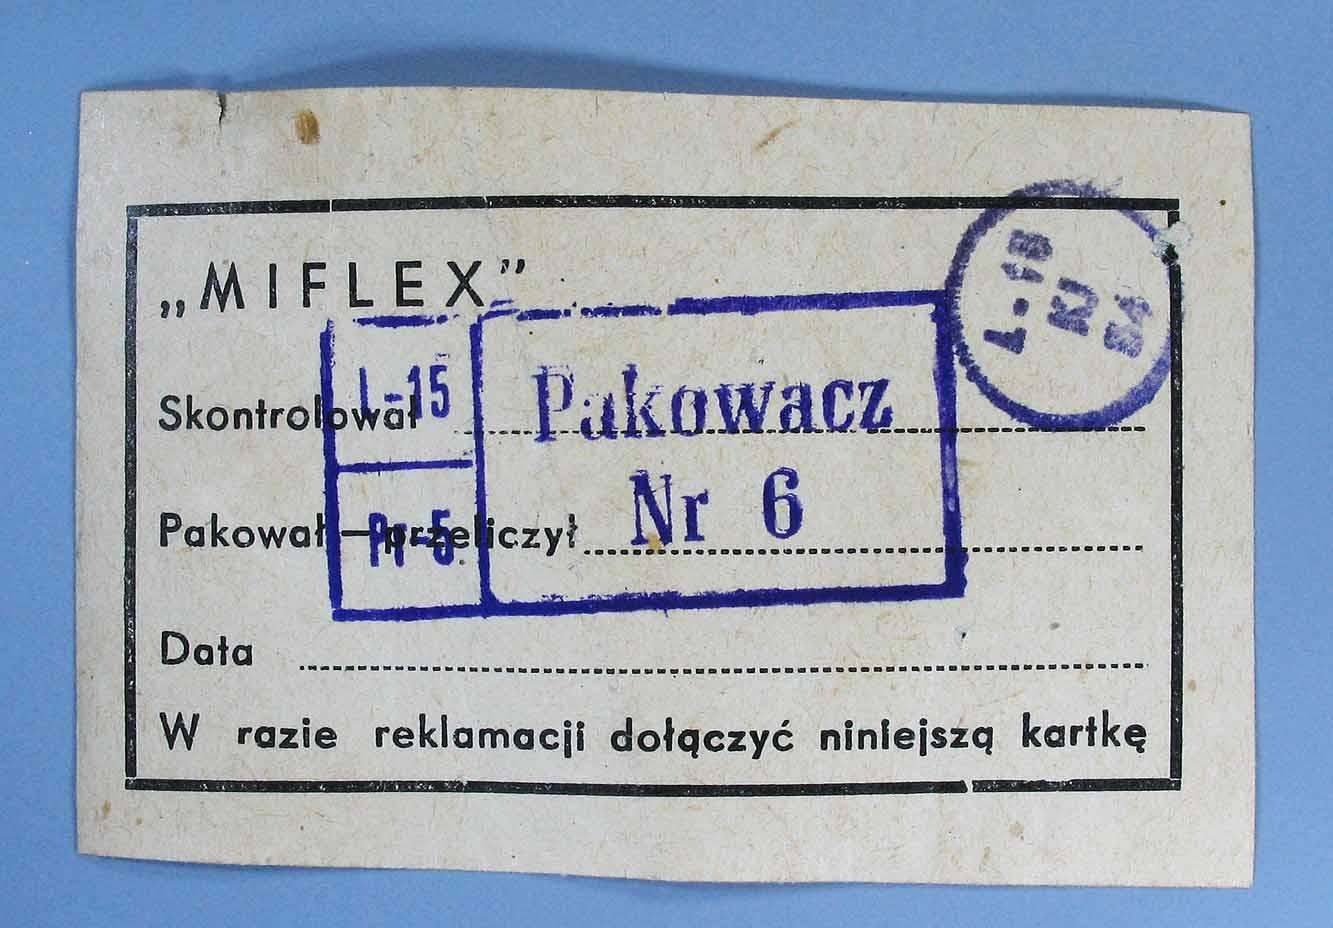 miflex_68n_17a.jpg